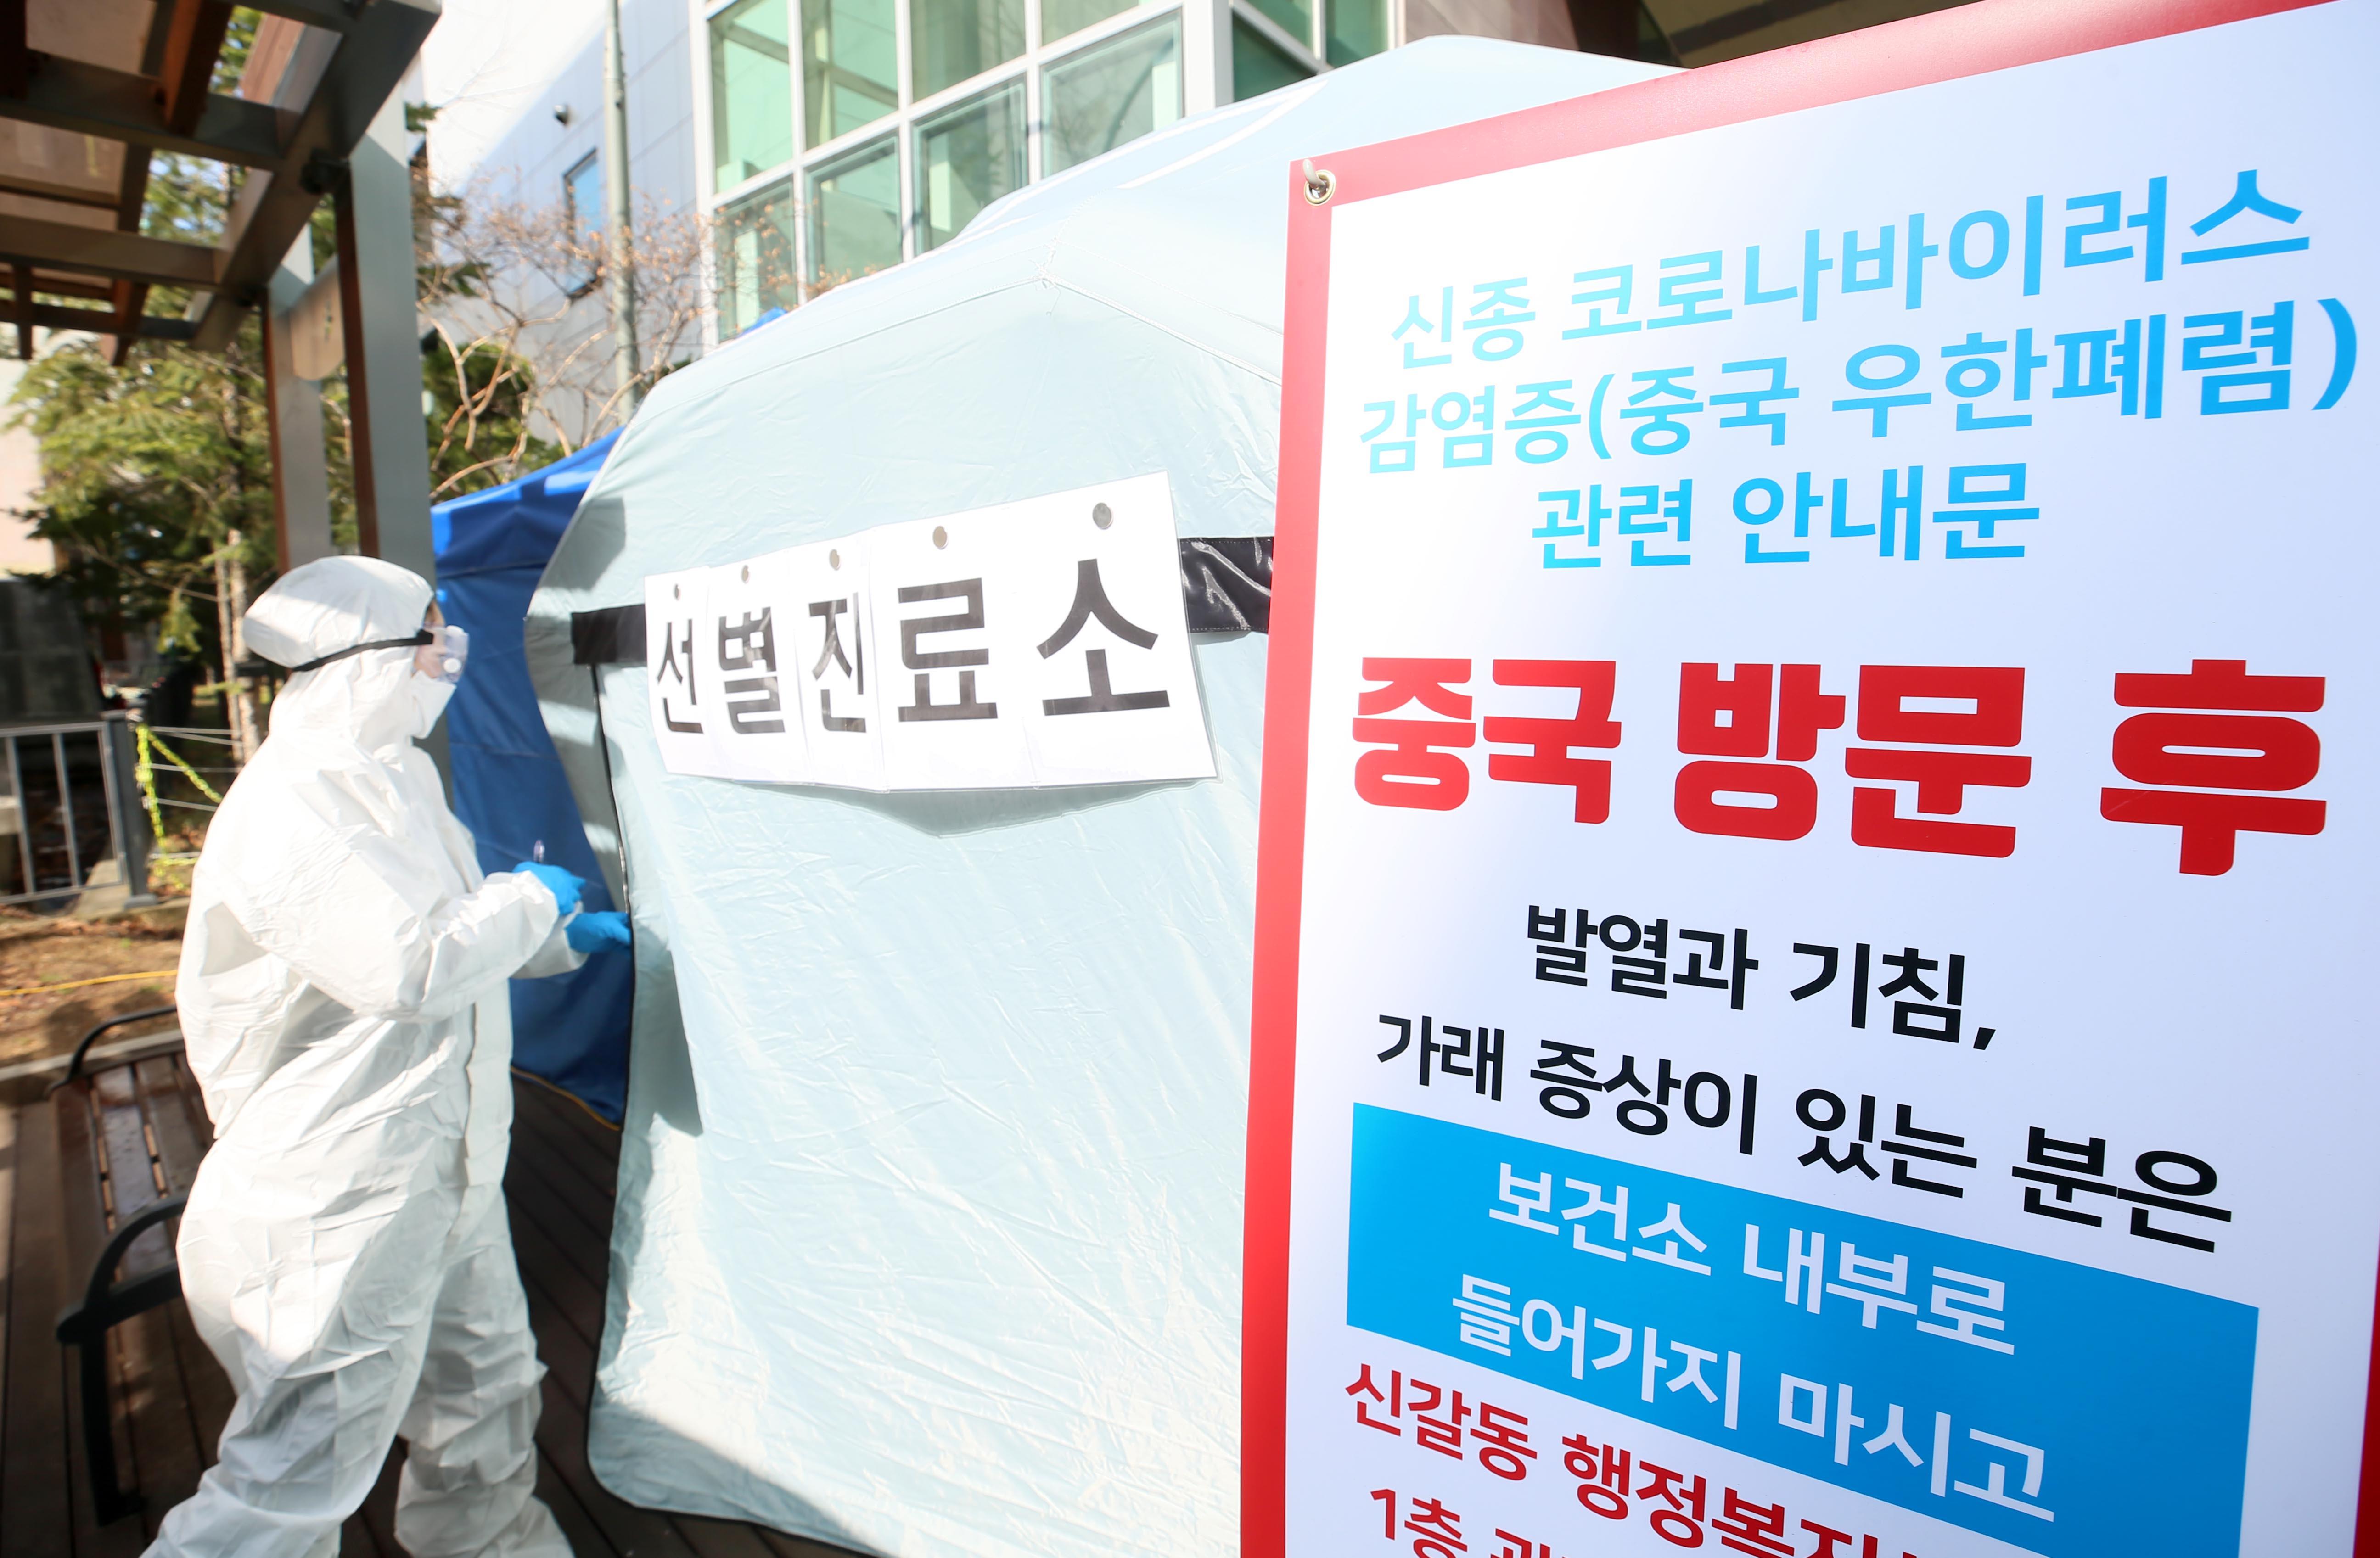 용인 기흥구, 코로나19 용인-54번째 확진자 발생